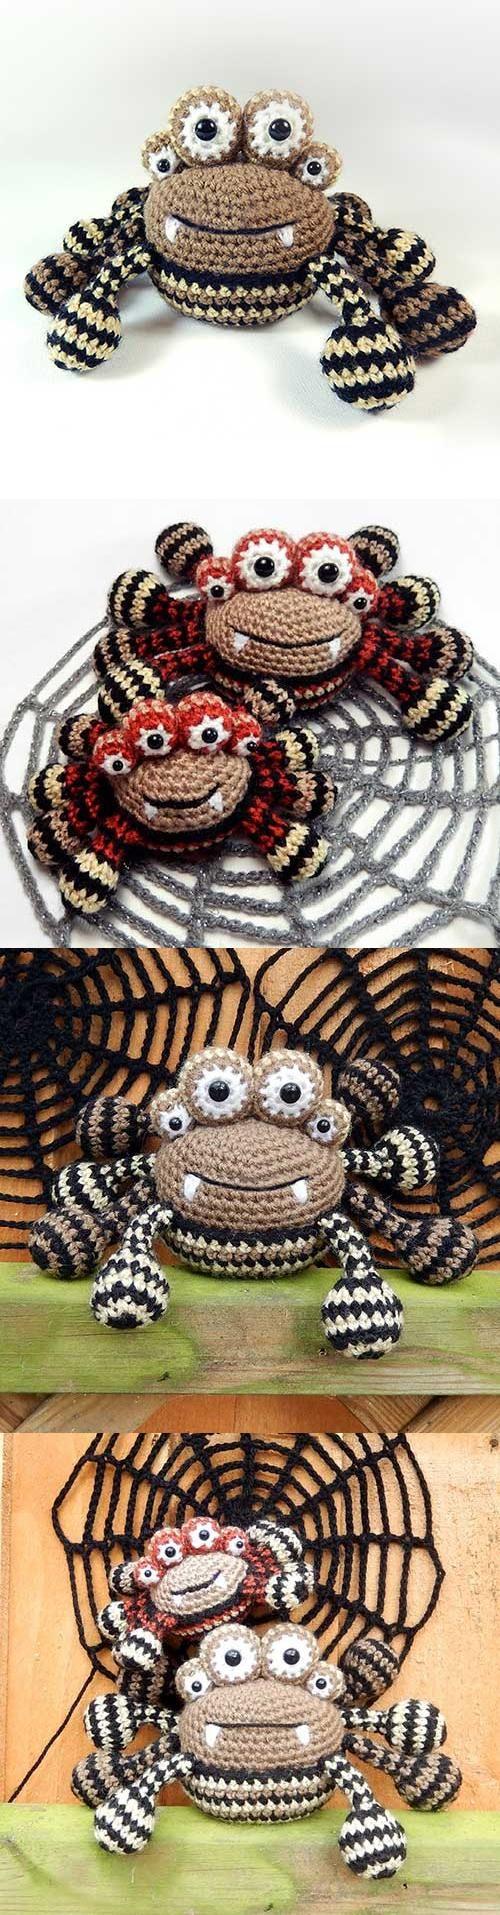 Spencer The Spider Amigurumi Pattern